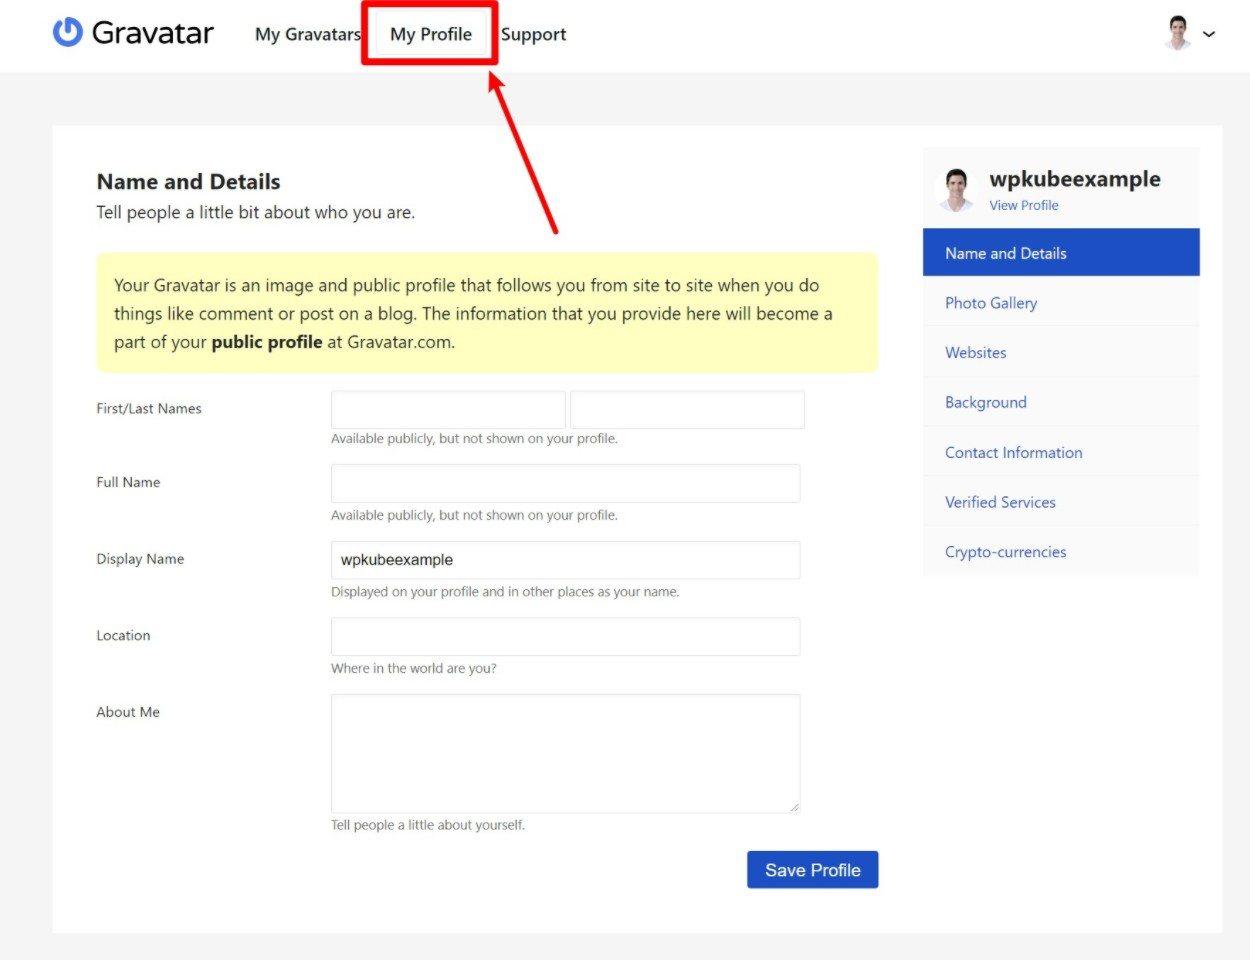 ¿Qué es Gravatar?  Guía completa para usuarios de WordPress + todos los demás - 1630938428 450 ¿Que es Gravatar Guia completa para usuarios de WordPress